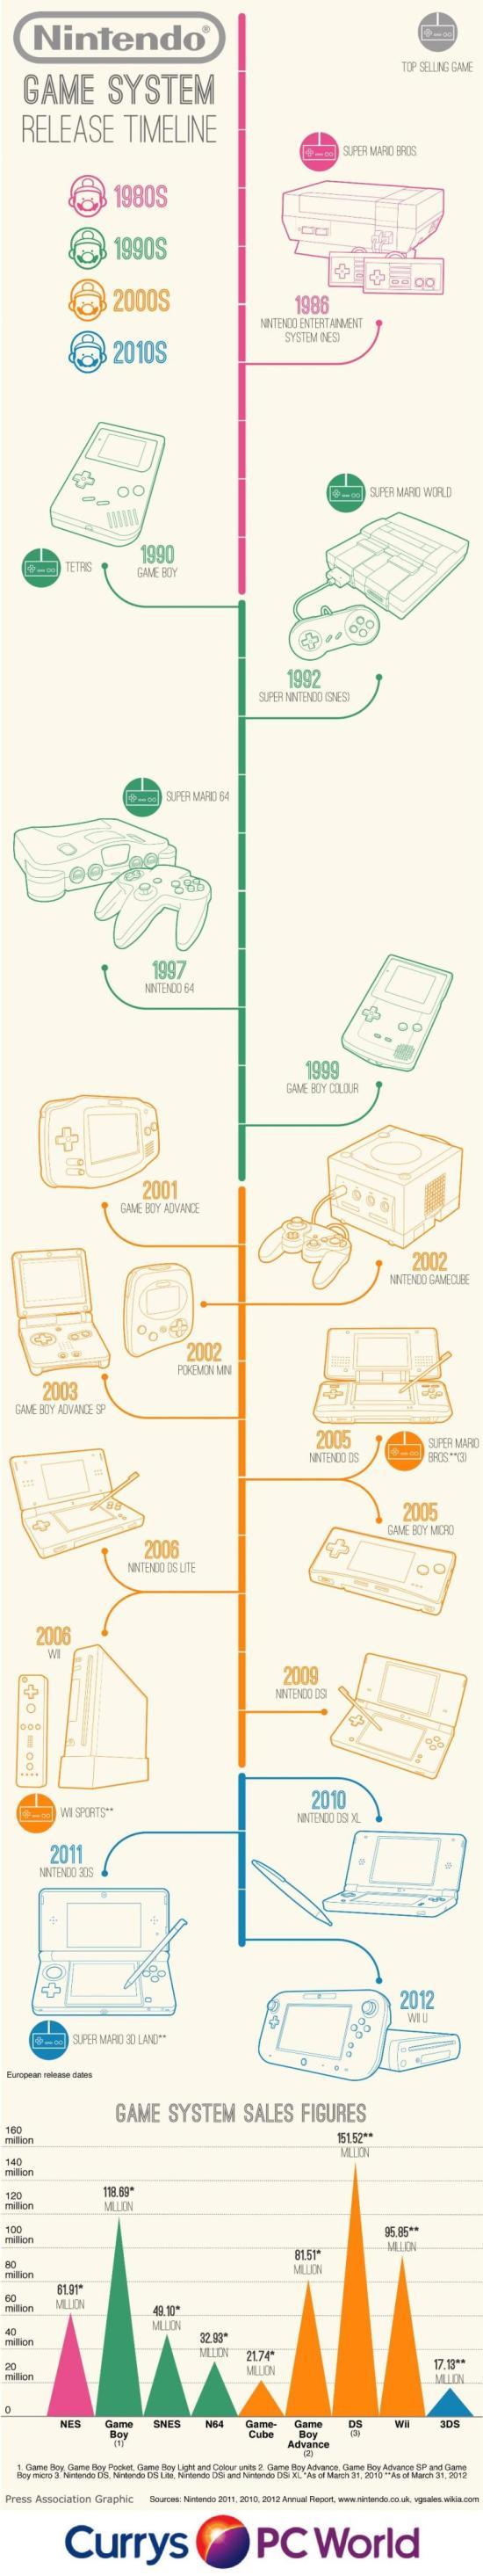 Infografía: La evolución de las consolas de Nintendo